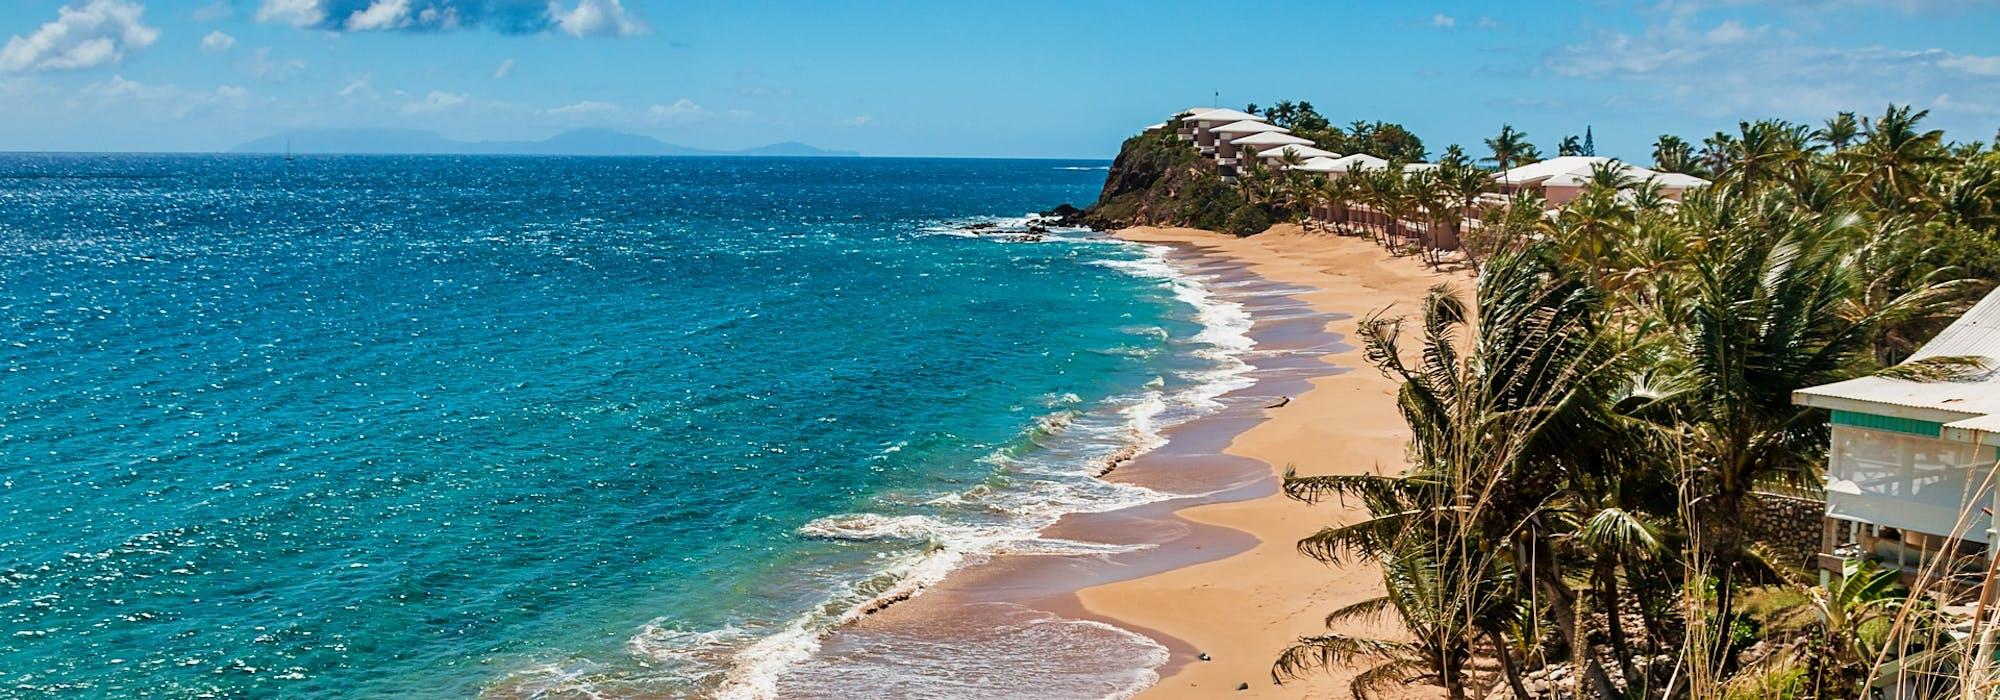 Vågor rullar in på stranden och till höger vajar palmer i vinden.